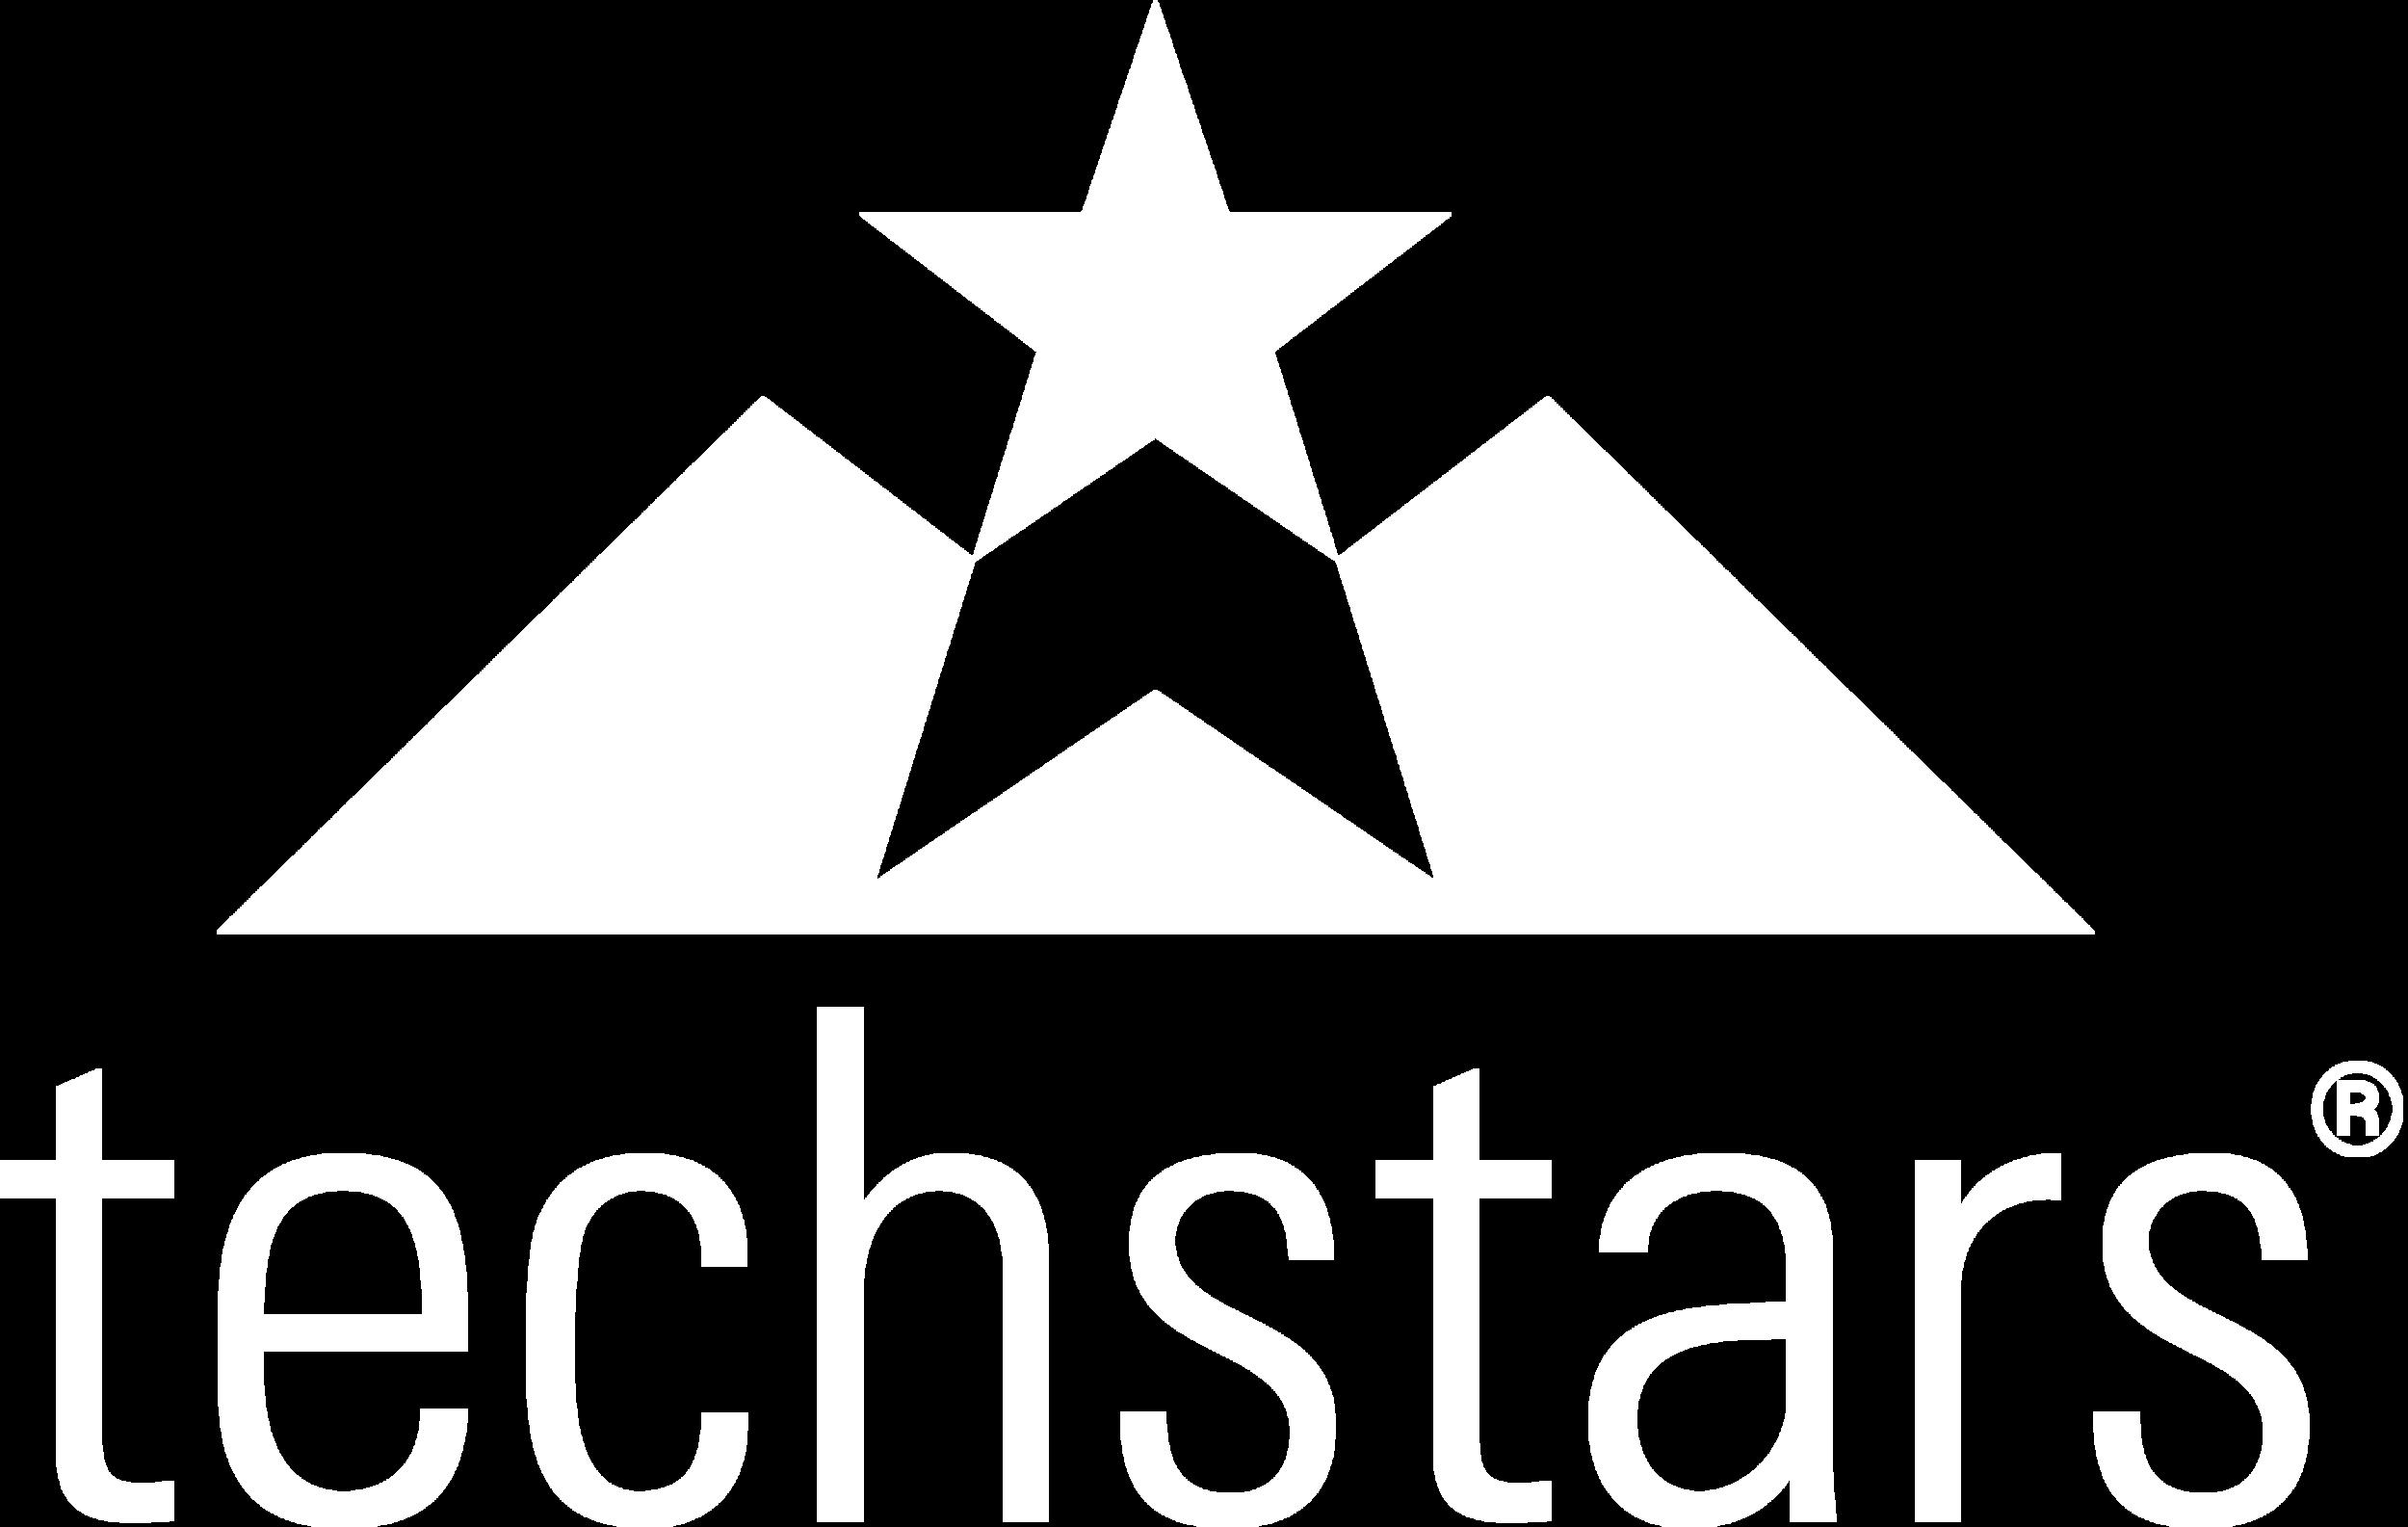 Techstars_master_logo_white.png